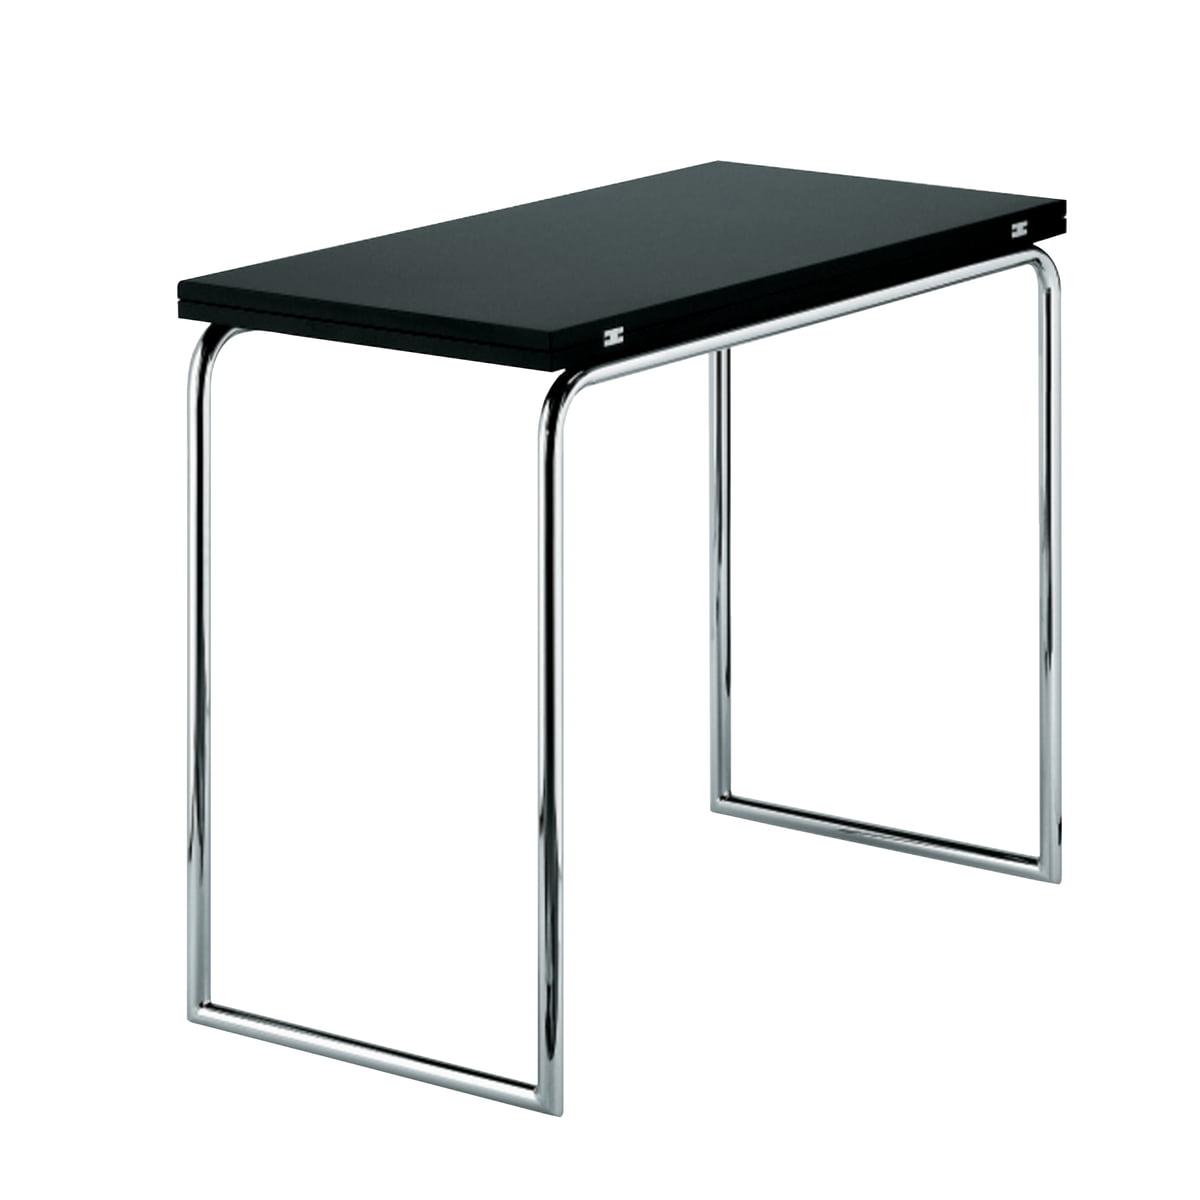 b 109 klapptisch von thonet connox. Black Bedroom Furniture Sets. Home Design Ideas